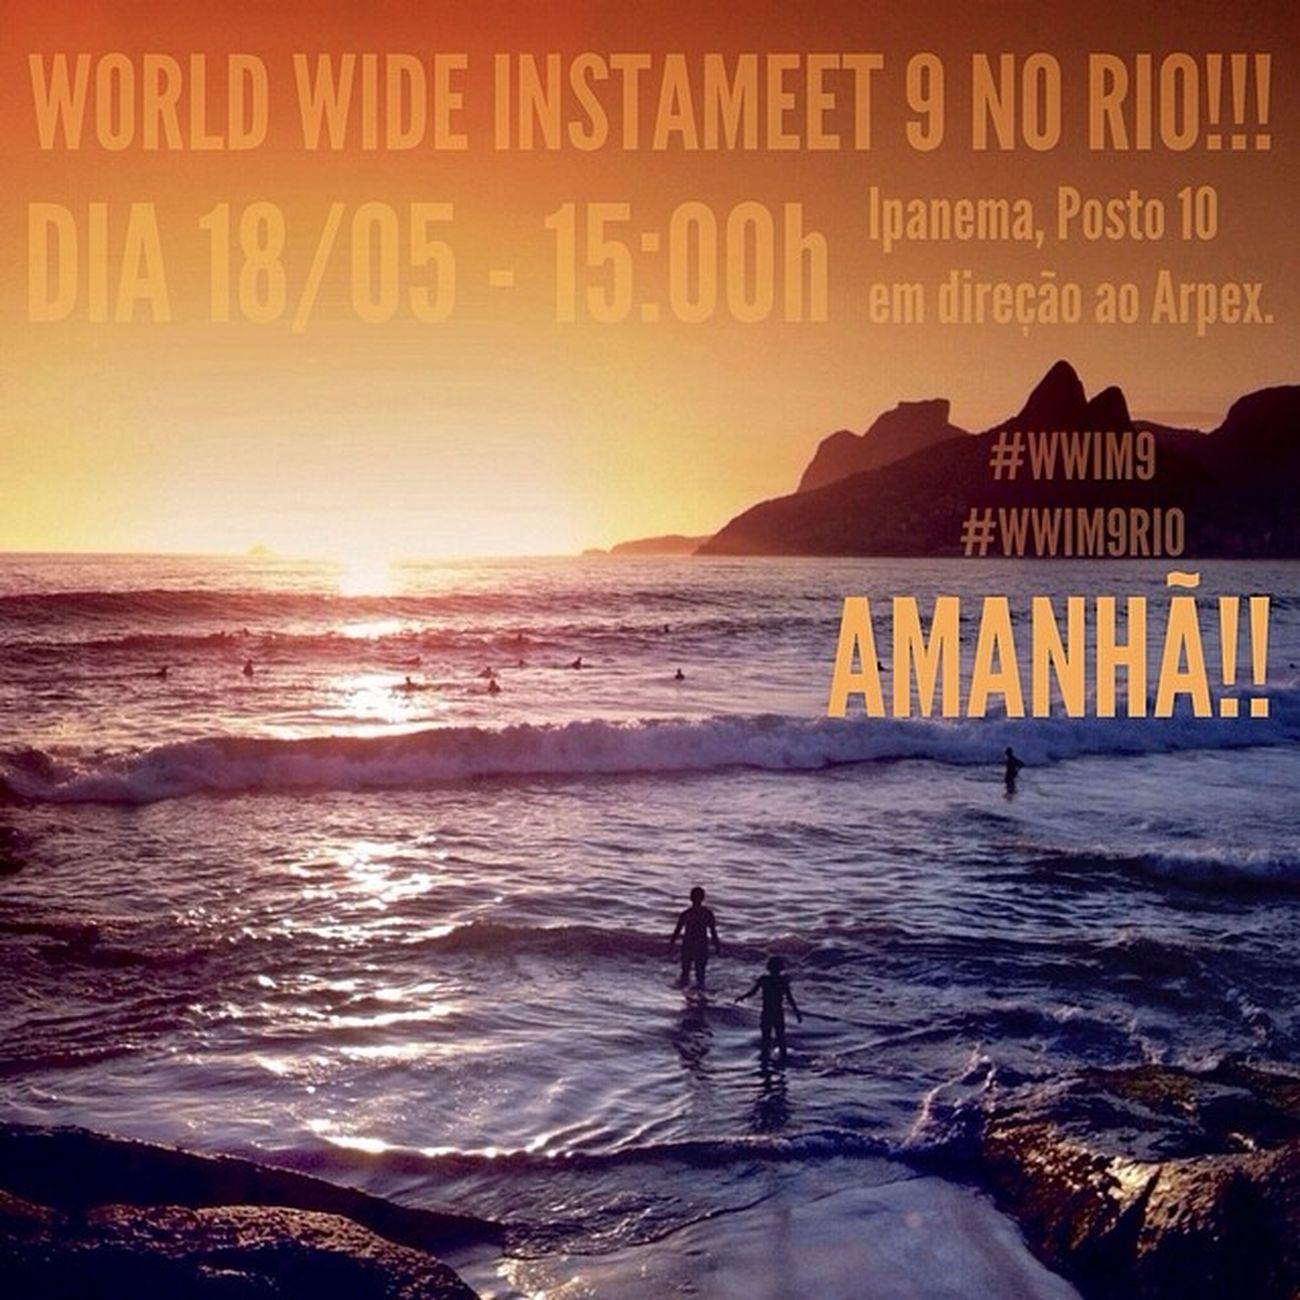 . 🌴☀️🌴🙀🌴🌟🌴😽🌴💛🌴 É AMANHÃ, PREPARADOS? 🌴☀️🌴🙀🌴🌟🌴😽🌴💛🌴 WORLDWIDEINSTAMEET-RIO: 🌴☀️🌴🙀🌴🌟🌴😽🌴💛🌴 ______________________________ 🎉🌍☀️👉 O mundo inteiro irá se conectar através de imagens esse fim de semana para o maior evento do @instagram: O Worldwideinstameet ! . 🌴😽🎉✨👉No Rio o encontro do @igersrio será Domingo, amanhã, em Ipanema no posto Dez, as 15:00h e de lá caminharemos rumo ao por do sol mais famoso do Rio: O do Arpoador. . 🙀🙀🙀👇👇E ATENÇÃO, SURPRESAS:👇👇🙀🙀🙀 . 🌼🌼👉 Ja que a parceria @igersrio e @oboticario vai de vento em popa, eles decidiram que uma das principais imagens da campanha será um grande mosaico montado com as fotos tiradas nesse dia. Além de um DESAFIO RELAMPÂGAO QUE IRÁ ESCOLHER A PRINCIPAL IMAGEM DA CAMPANHA. Sua foto pode participar de uma campanha incrível, uma verdadeira revelação de amor ao Rio. ______________________________ ✨Worldwideinstameet ✨WorldWideInstaMeetRio ✨Wwim9 ✨WWIM9RIO ✨RioQueVibra ✨OBoticario_Rio ✨IgersRio_OBoticario ✨Rioeuteamo ✨Igersrio